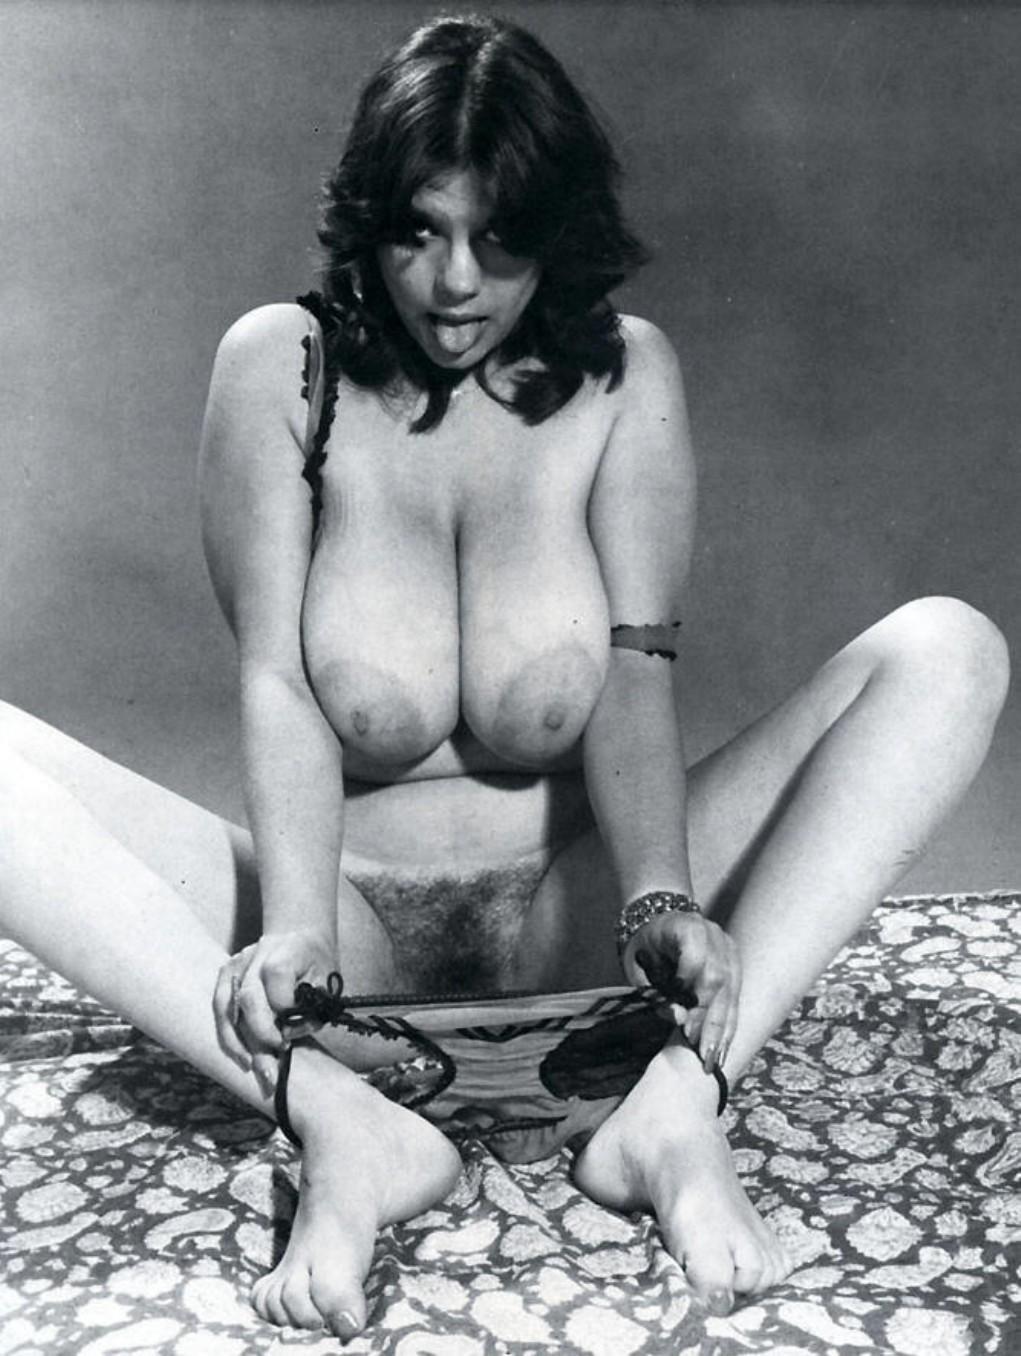 Vintage Erotic Gallery 26